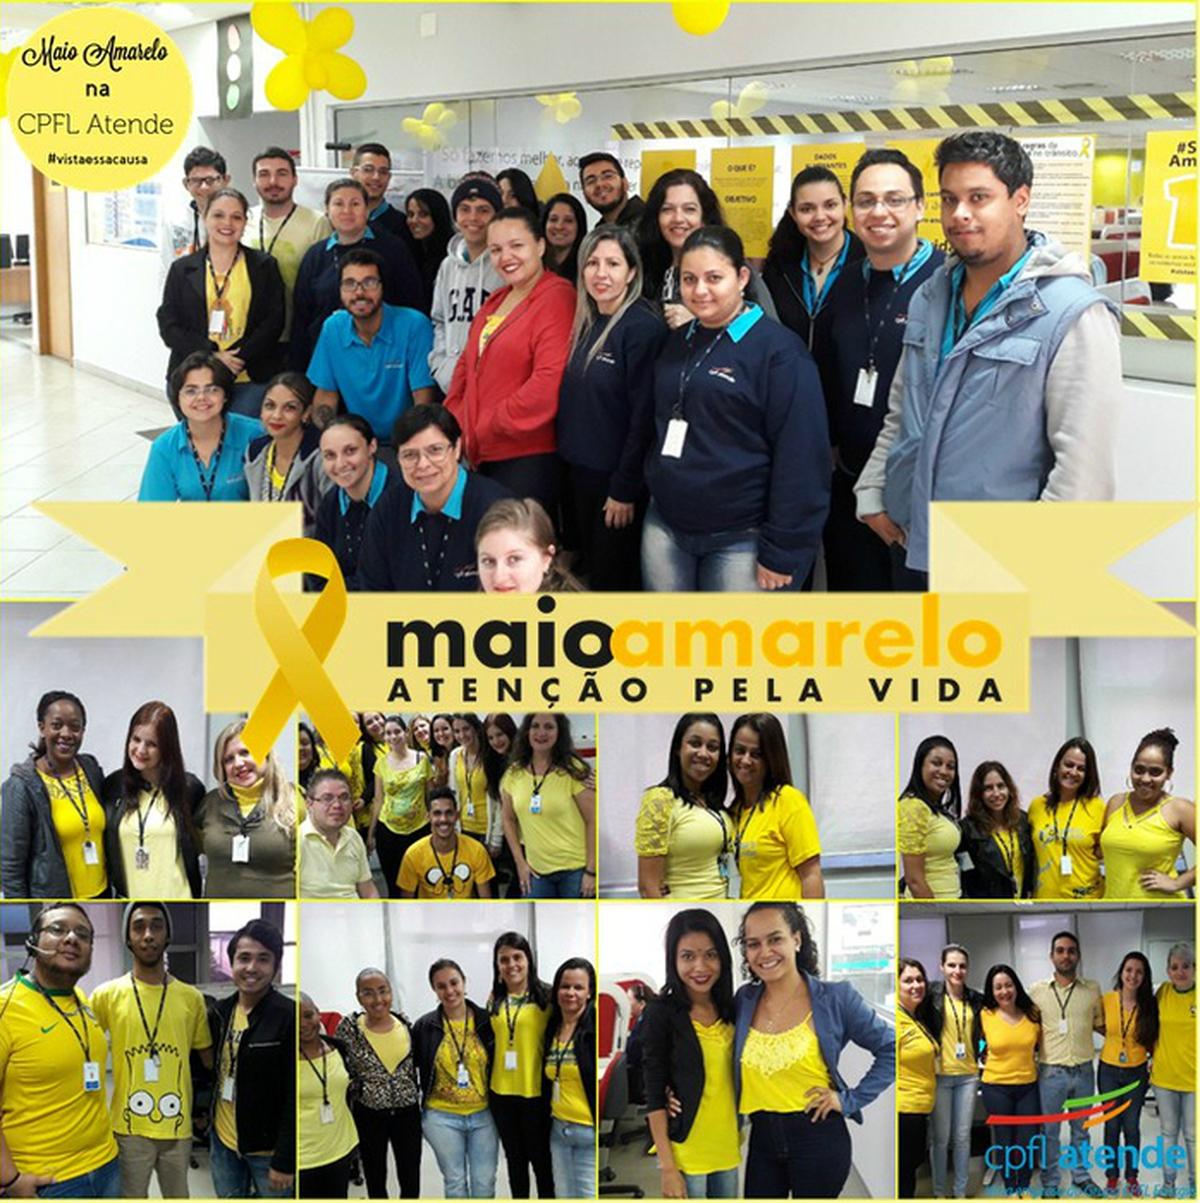 CPFL Atende Araraquara no Movimento Maio Amarelo